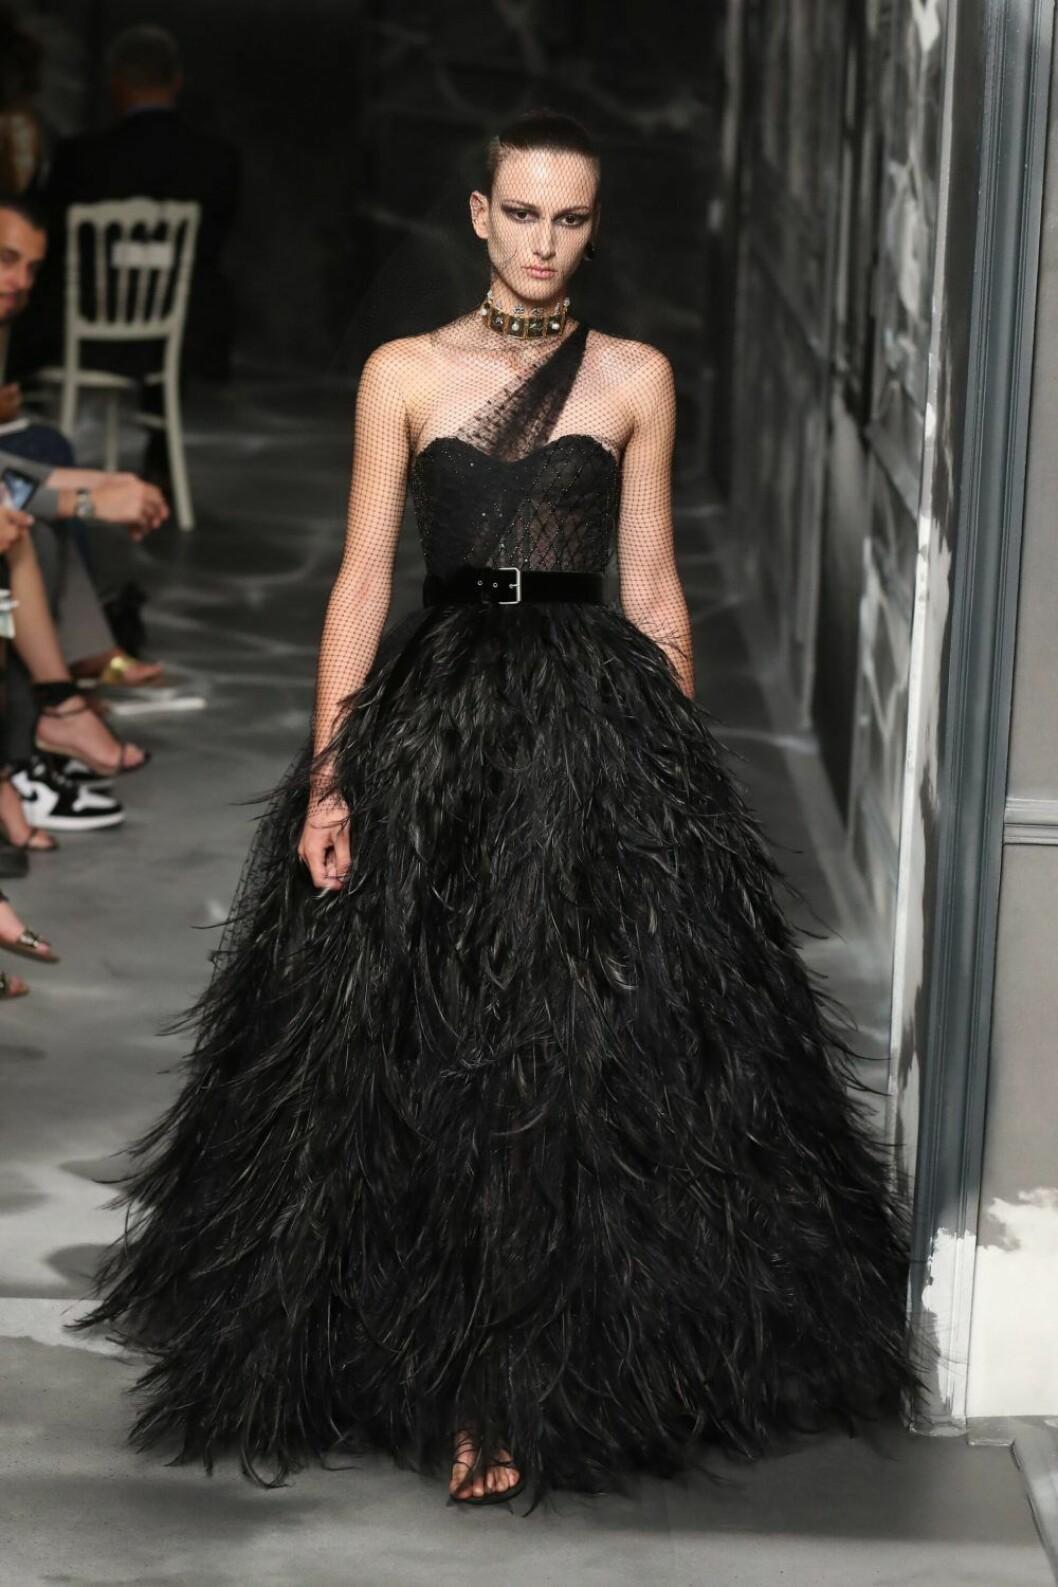 Christian Dior AW19/20, svart klänning med fjädrar.